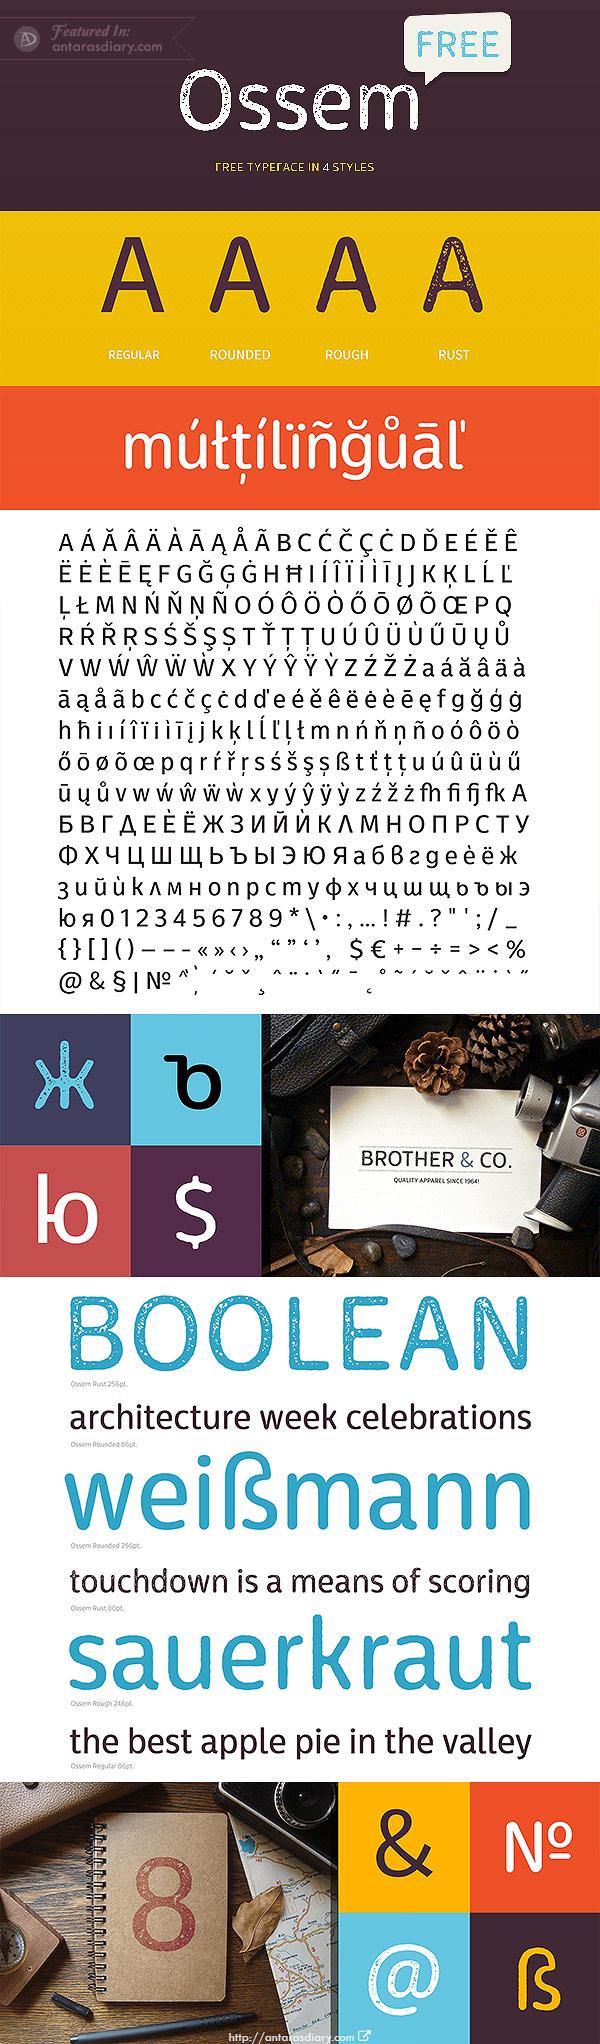 Ossem Free Font Family